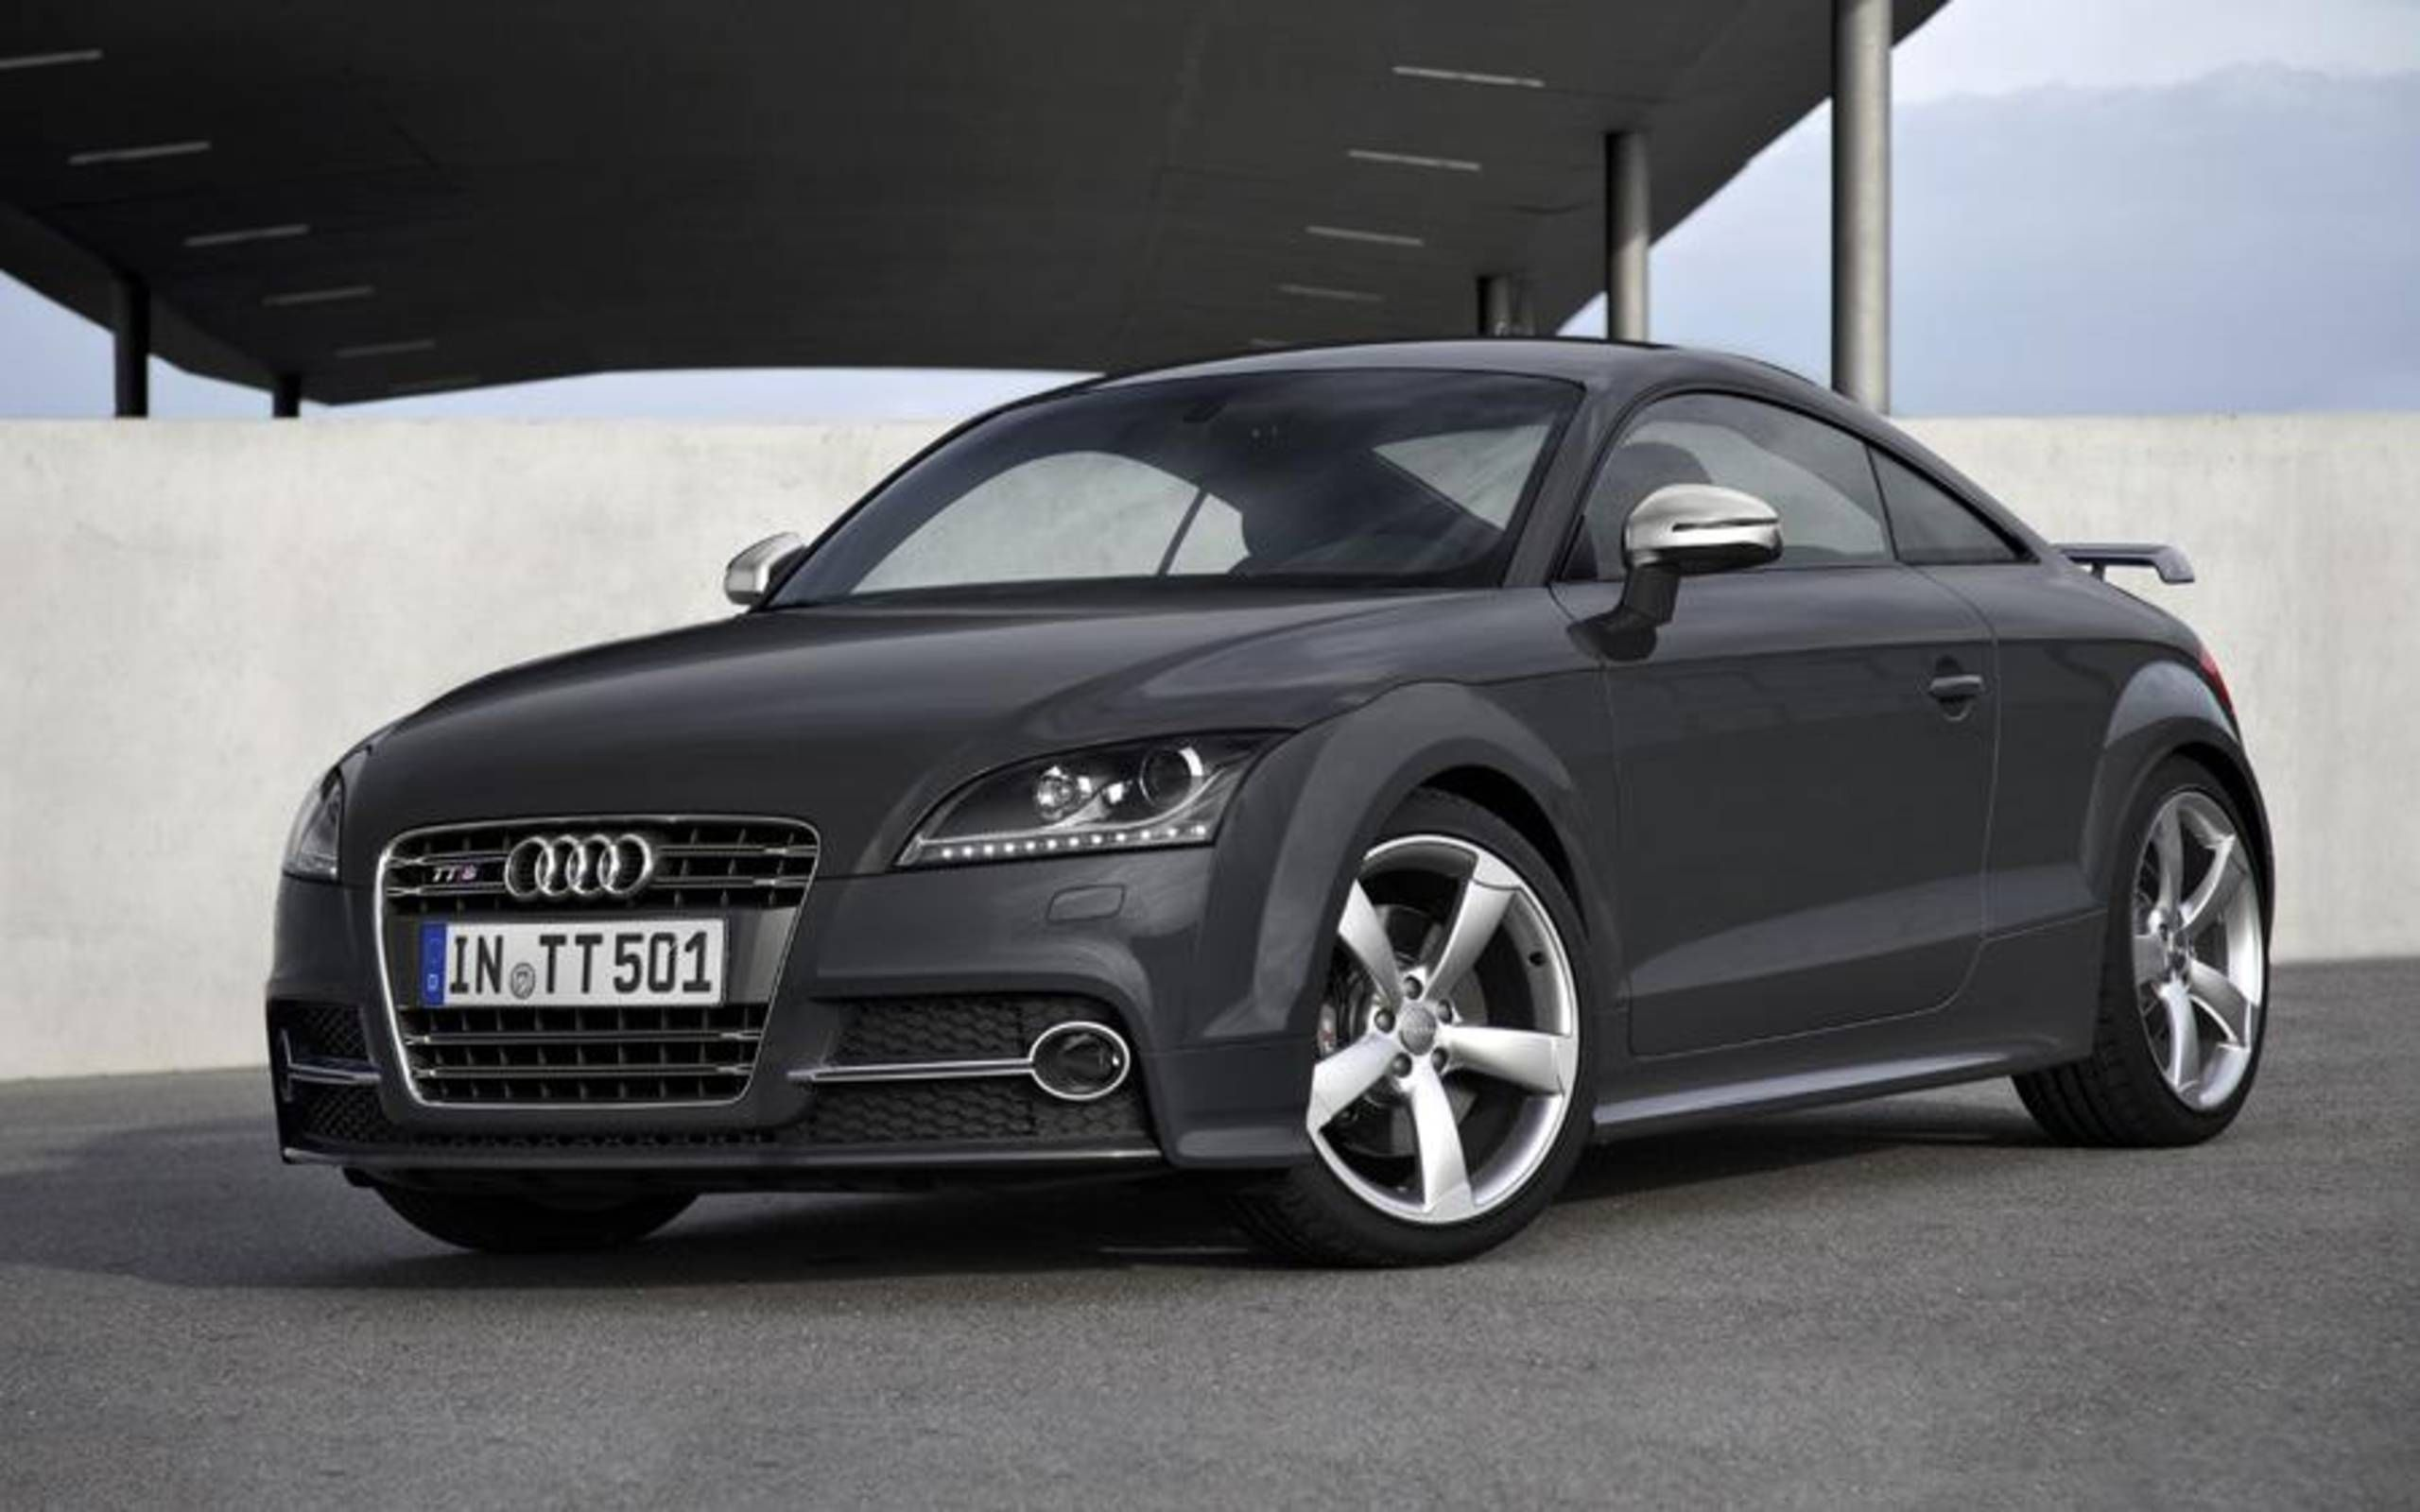 Kelebihan Kekurangan Audi Tts Coupe Harga